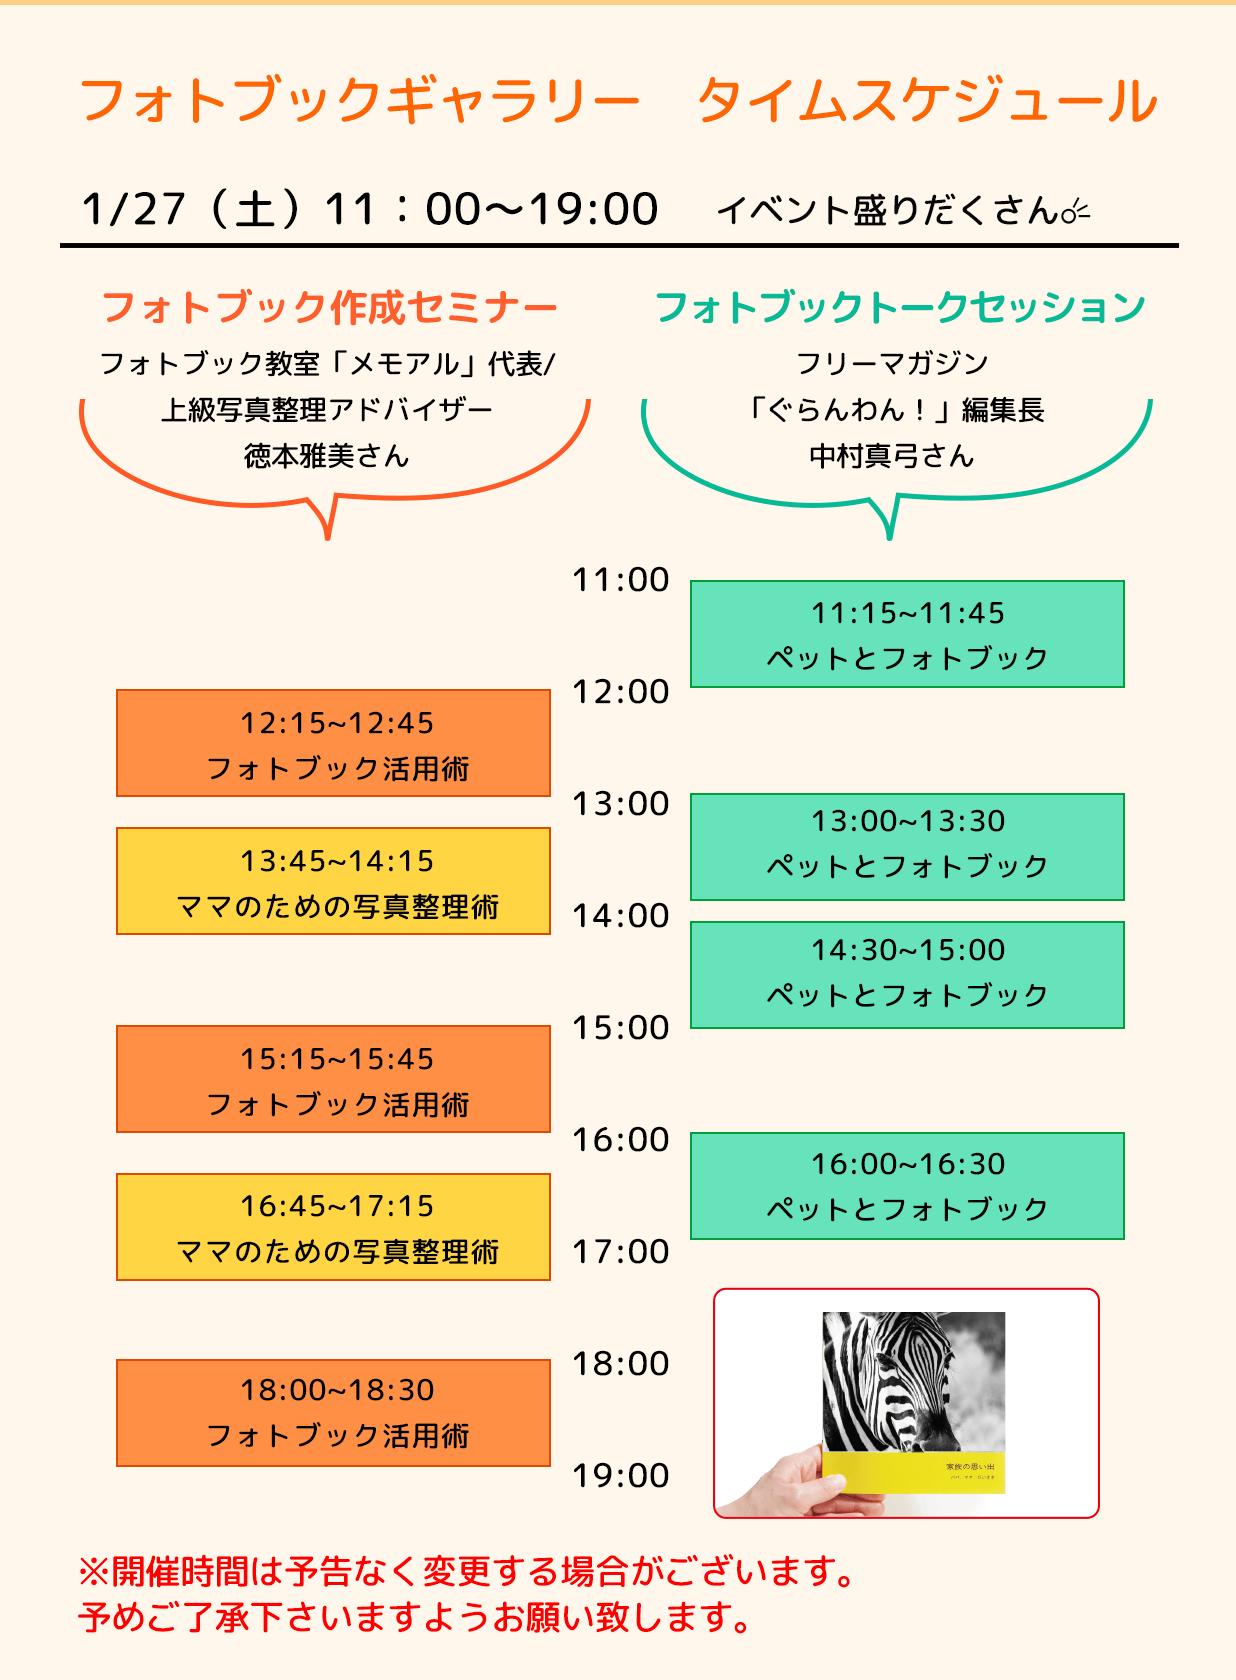 タイムスケジュール:1/27 11:00~19:00 イベント盛りだくさん